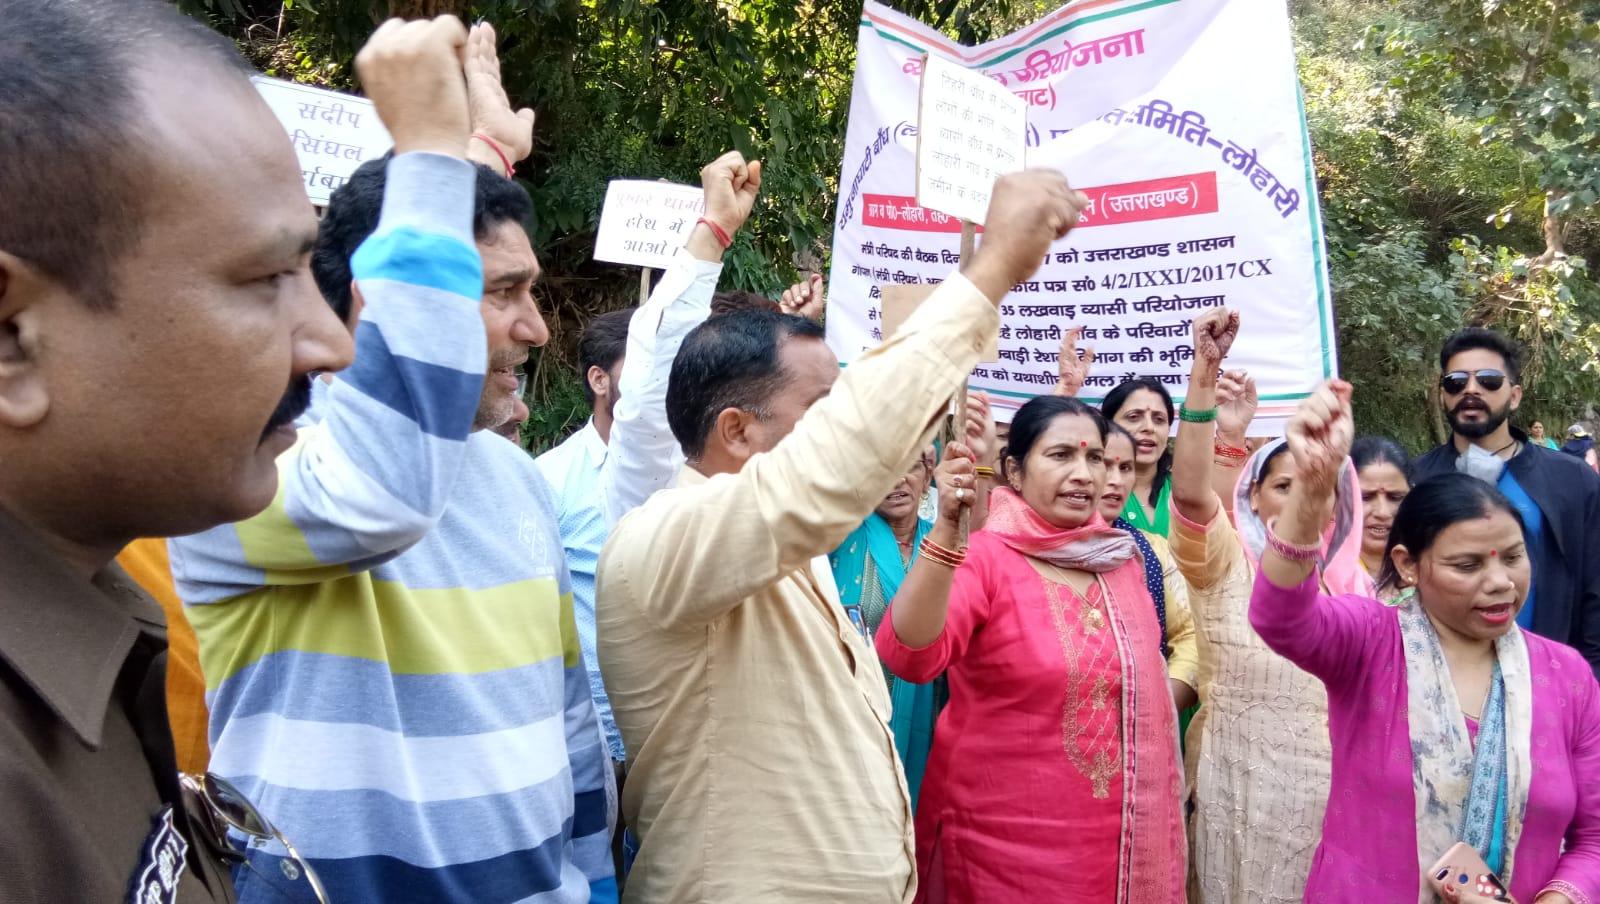 उत्तराखंड न्यूज़ : लोहारी गांव के काश्तकारों द्वारा आज प्रदेश सरकार तथा शासन-प्रशासन के विरोध में परियोजना स्थल जुड्डो में एक आक्रोश रैली निकाली गई